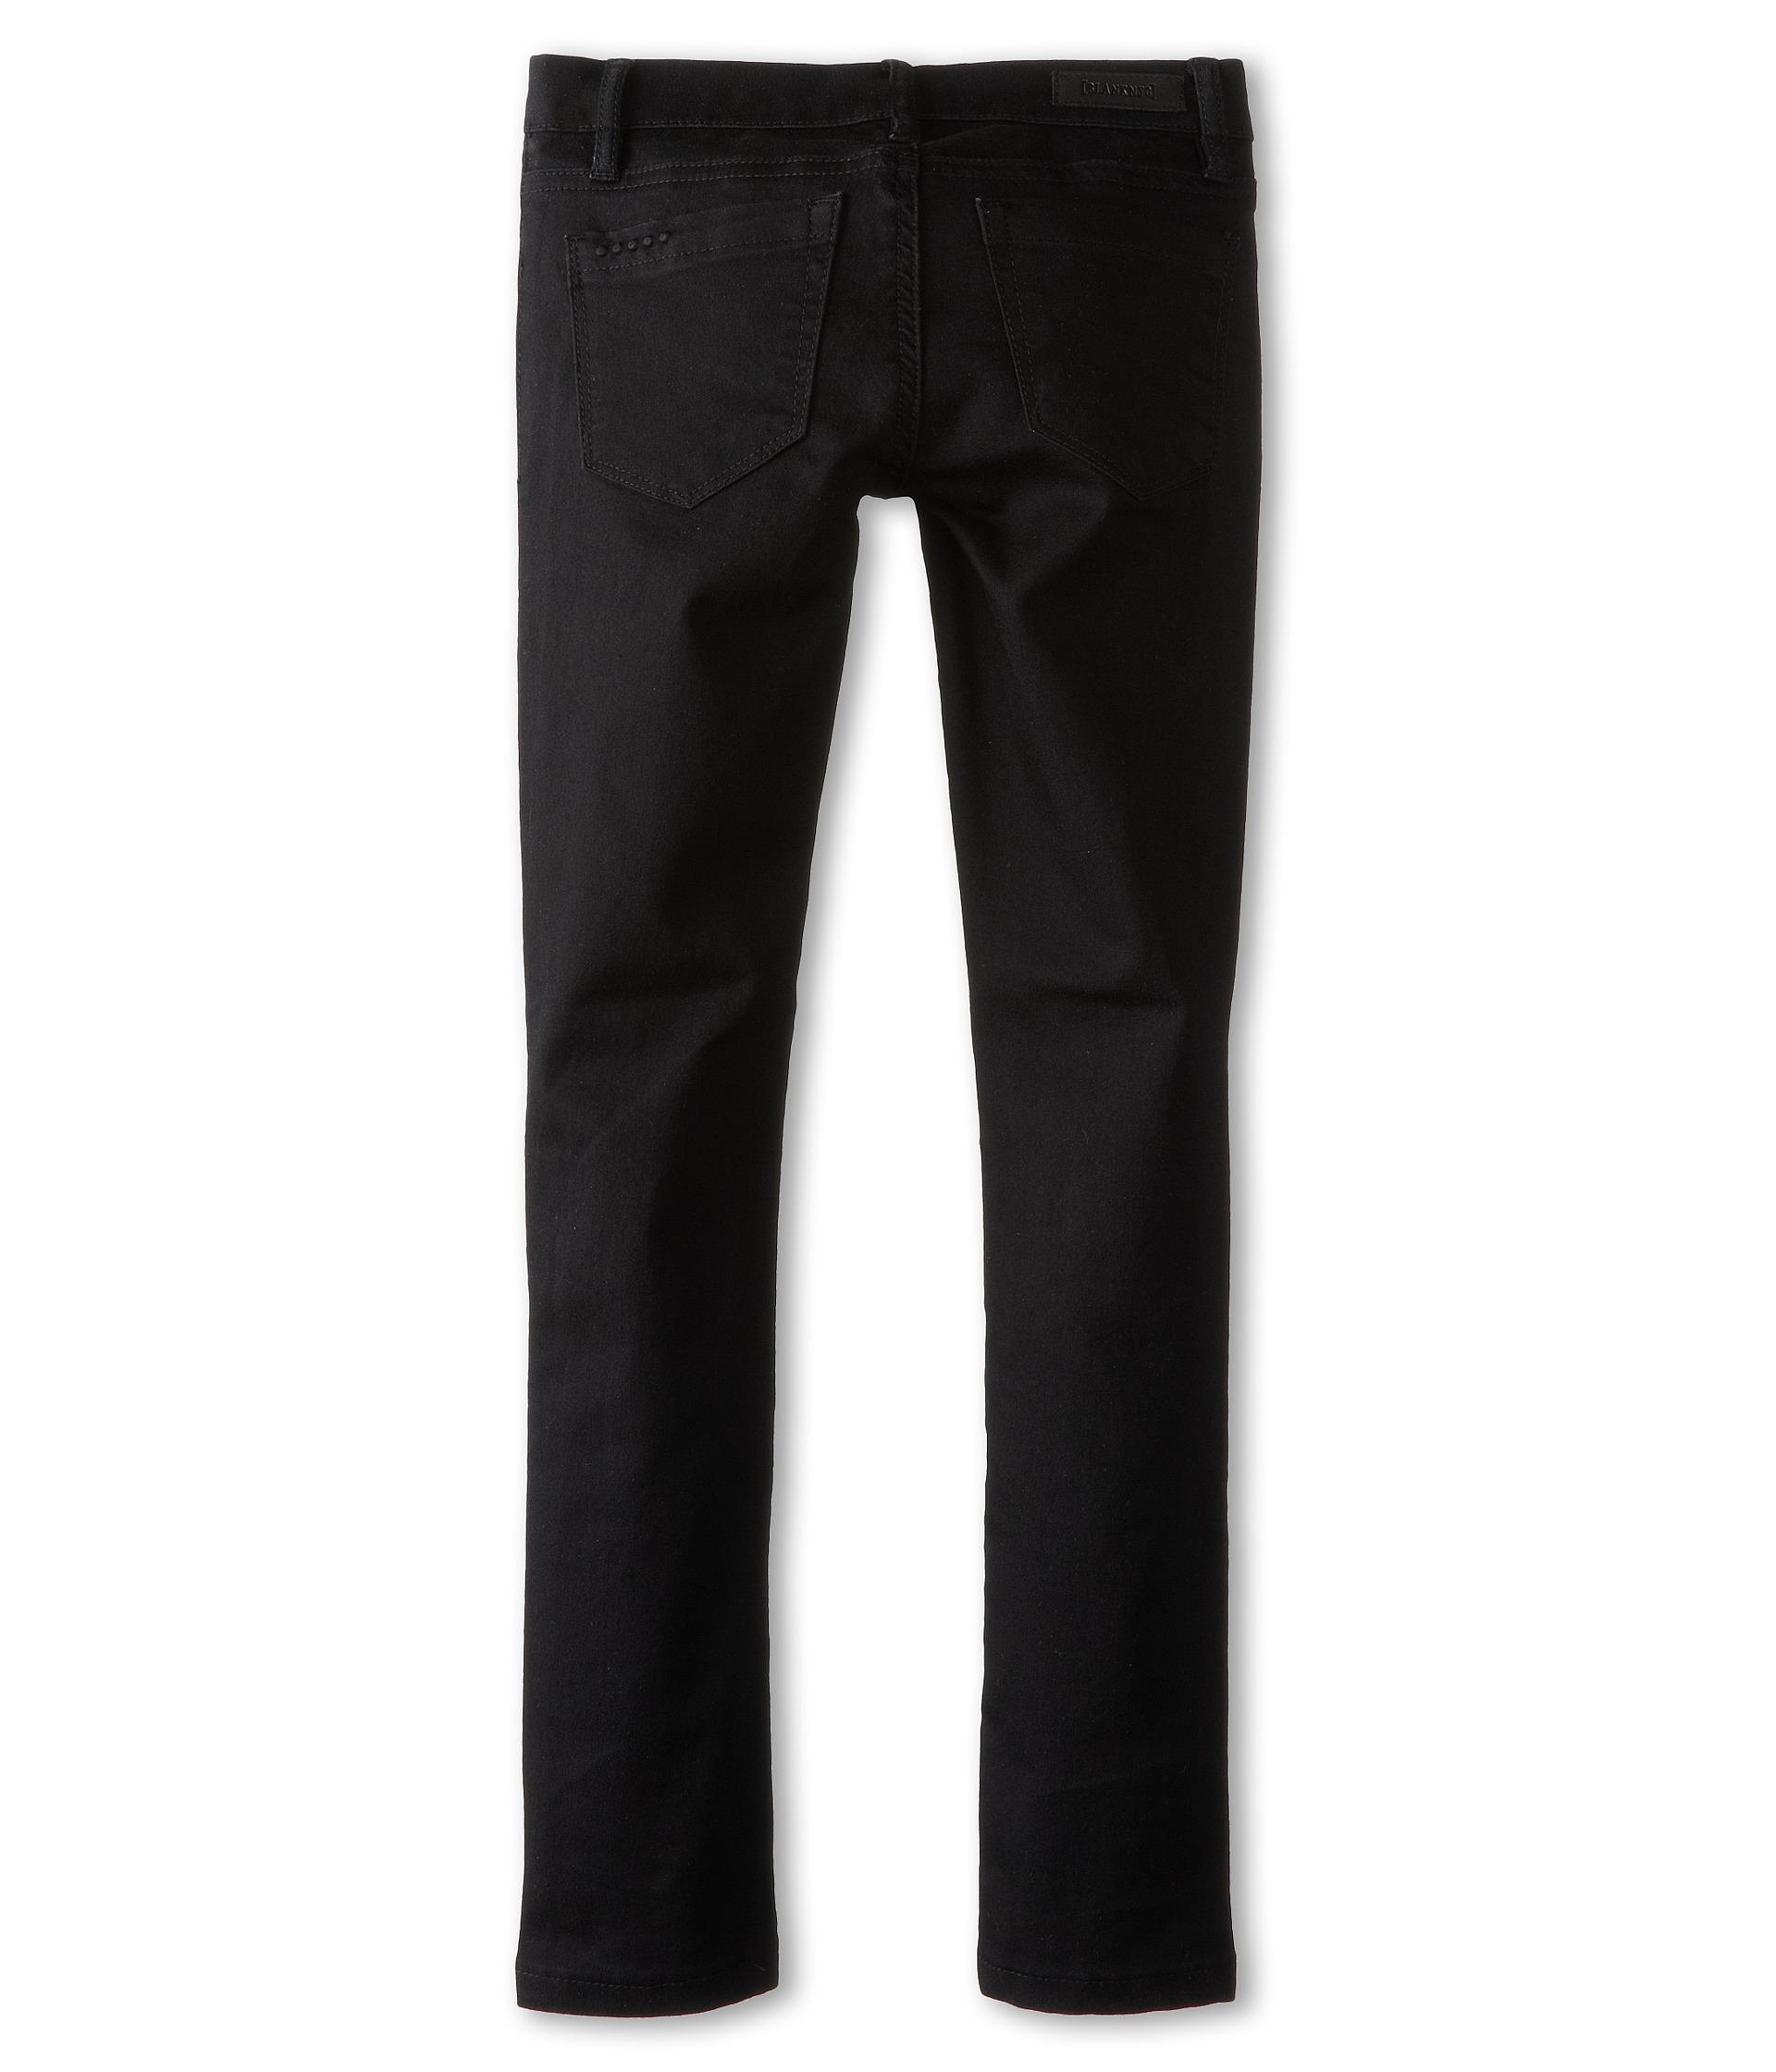 Black Skinny Jeans Size 6